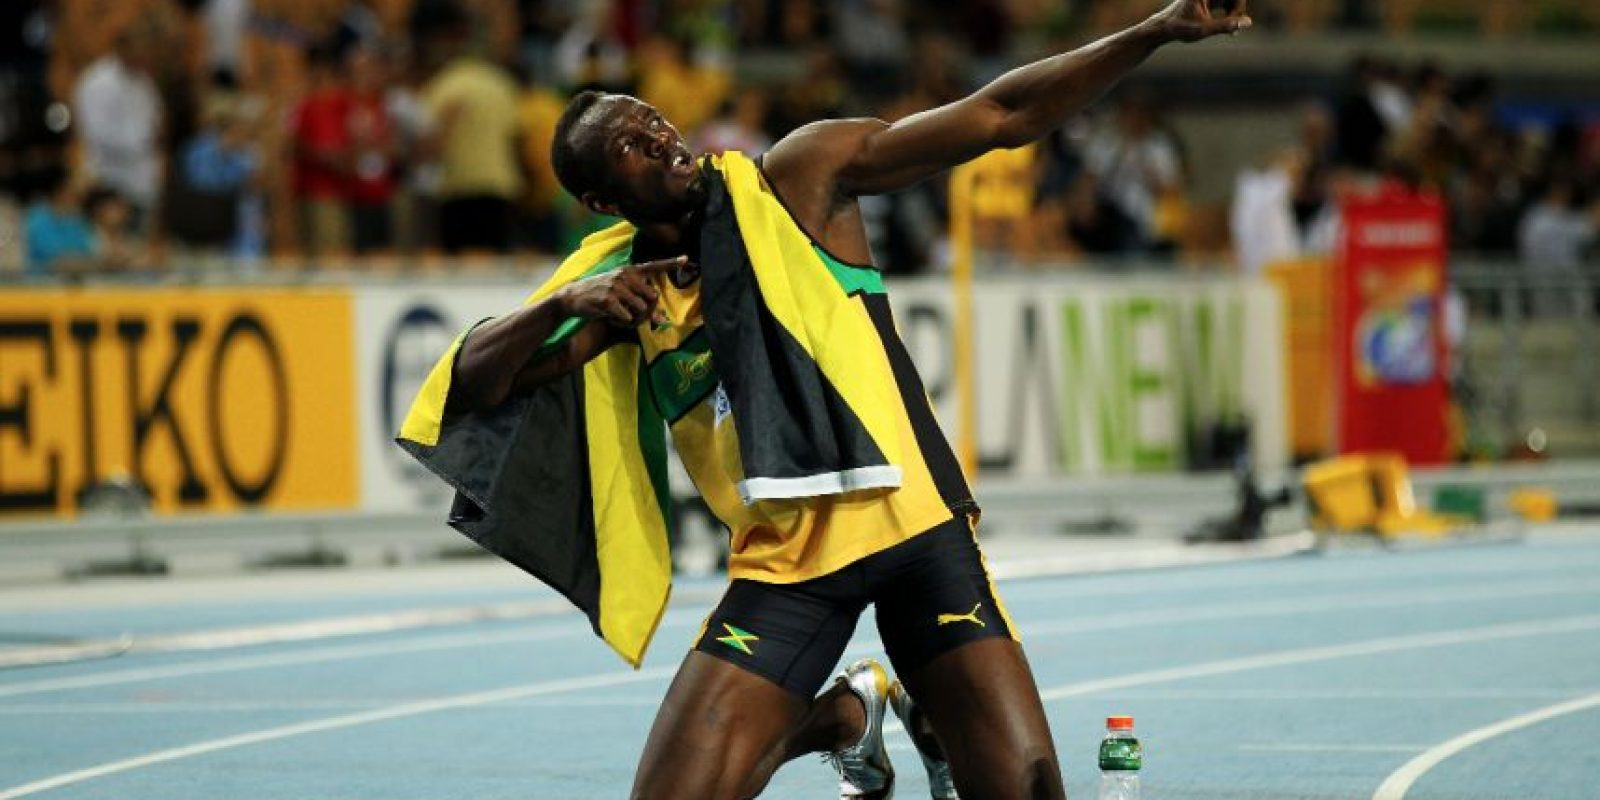 Medalla de Oro en el Mundial de Atletismo 2011 en 200 metros planos. Foto:Getty Images